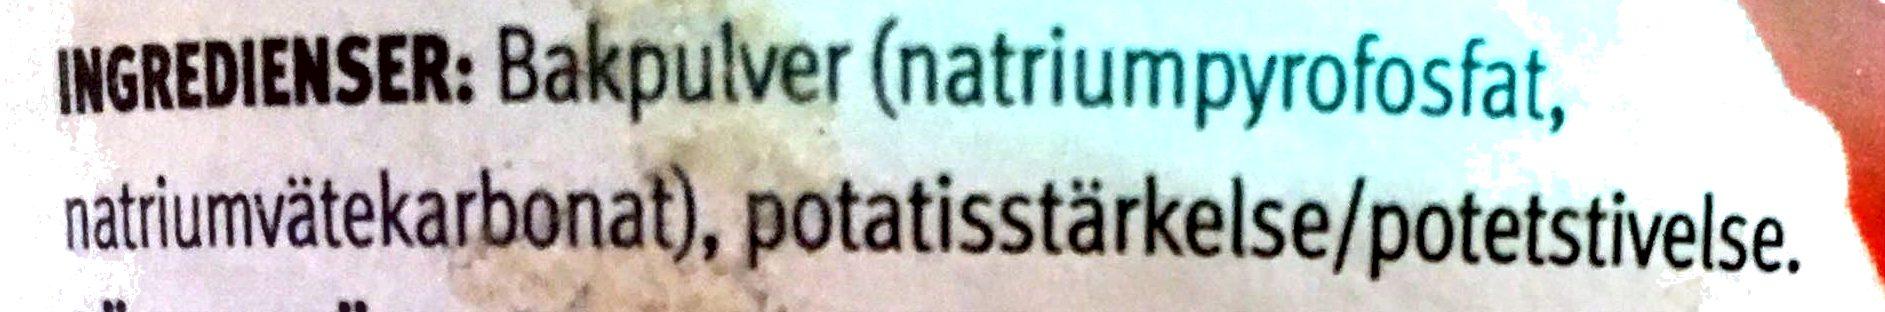 Bakpulver - Ingrédients - sv